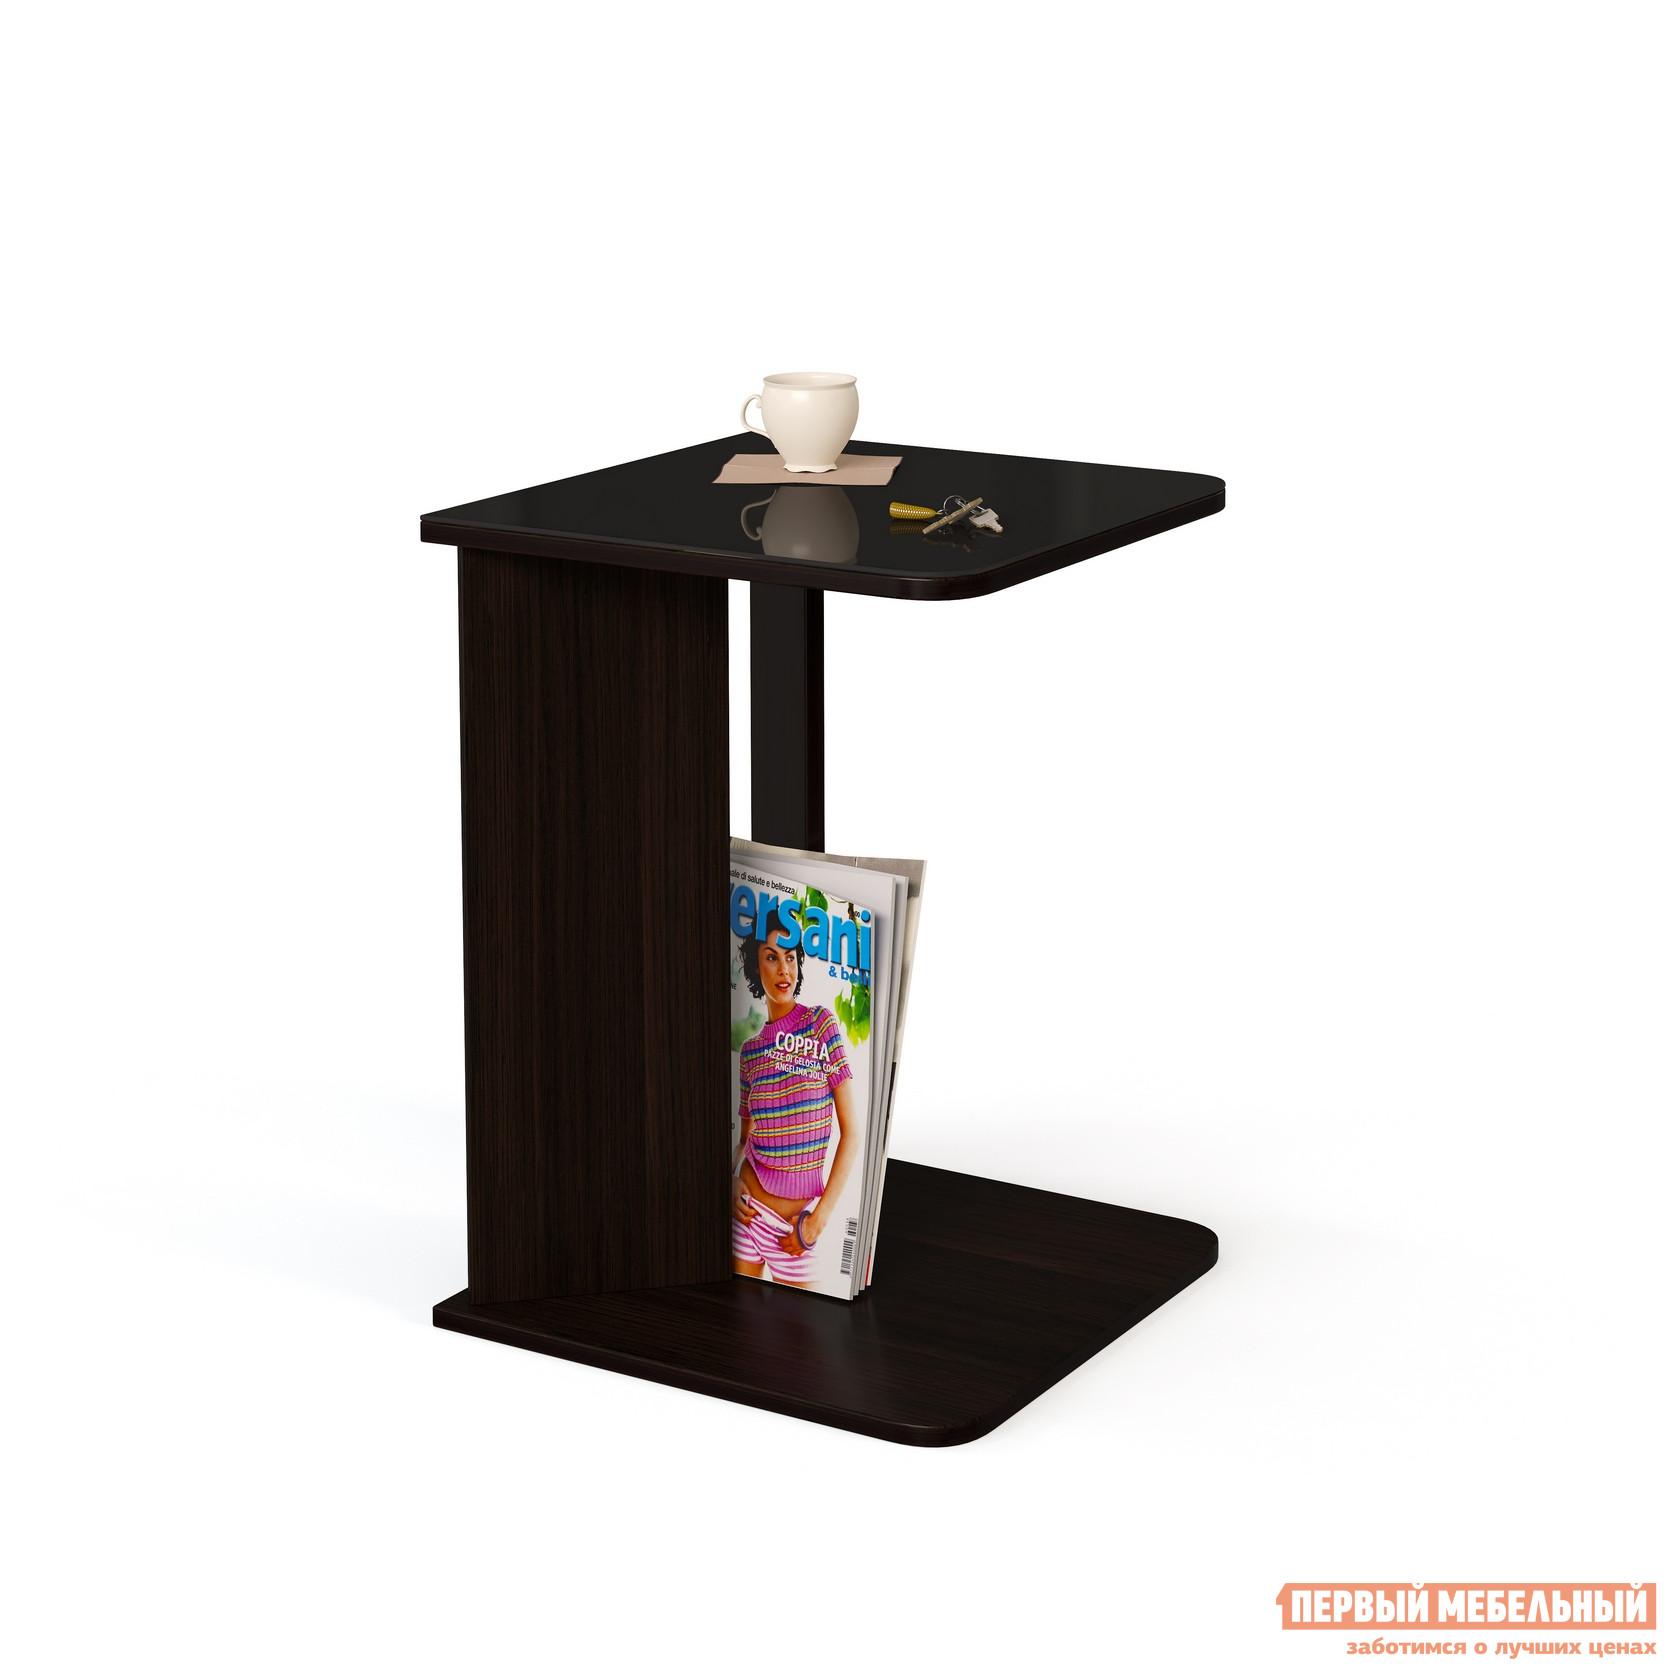 Журнальный столик МегаЭлатон Эдем 01 стол журнальный со стеклом Венге / Черное стекло